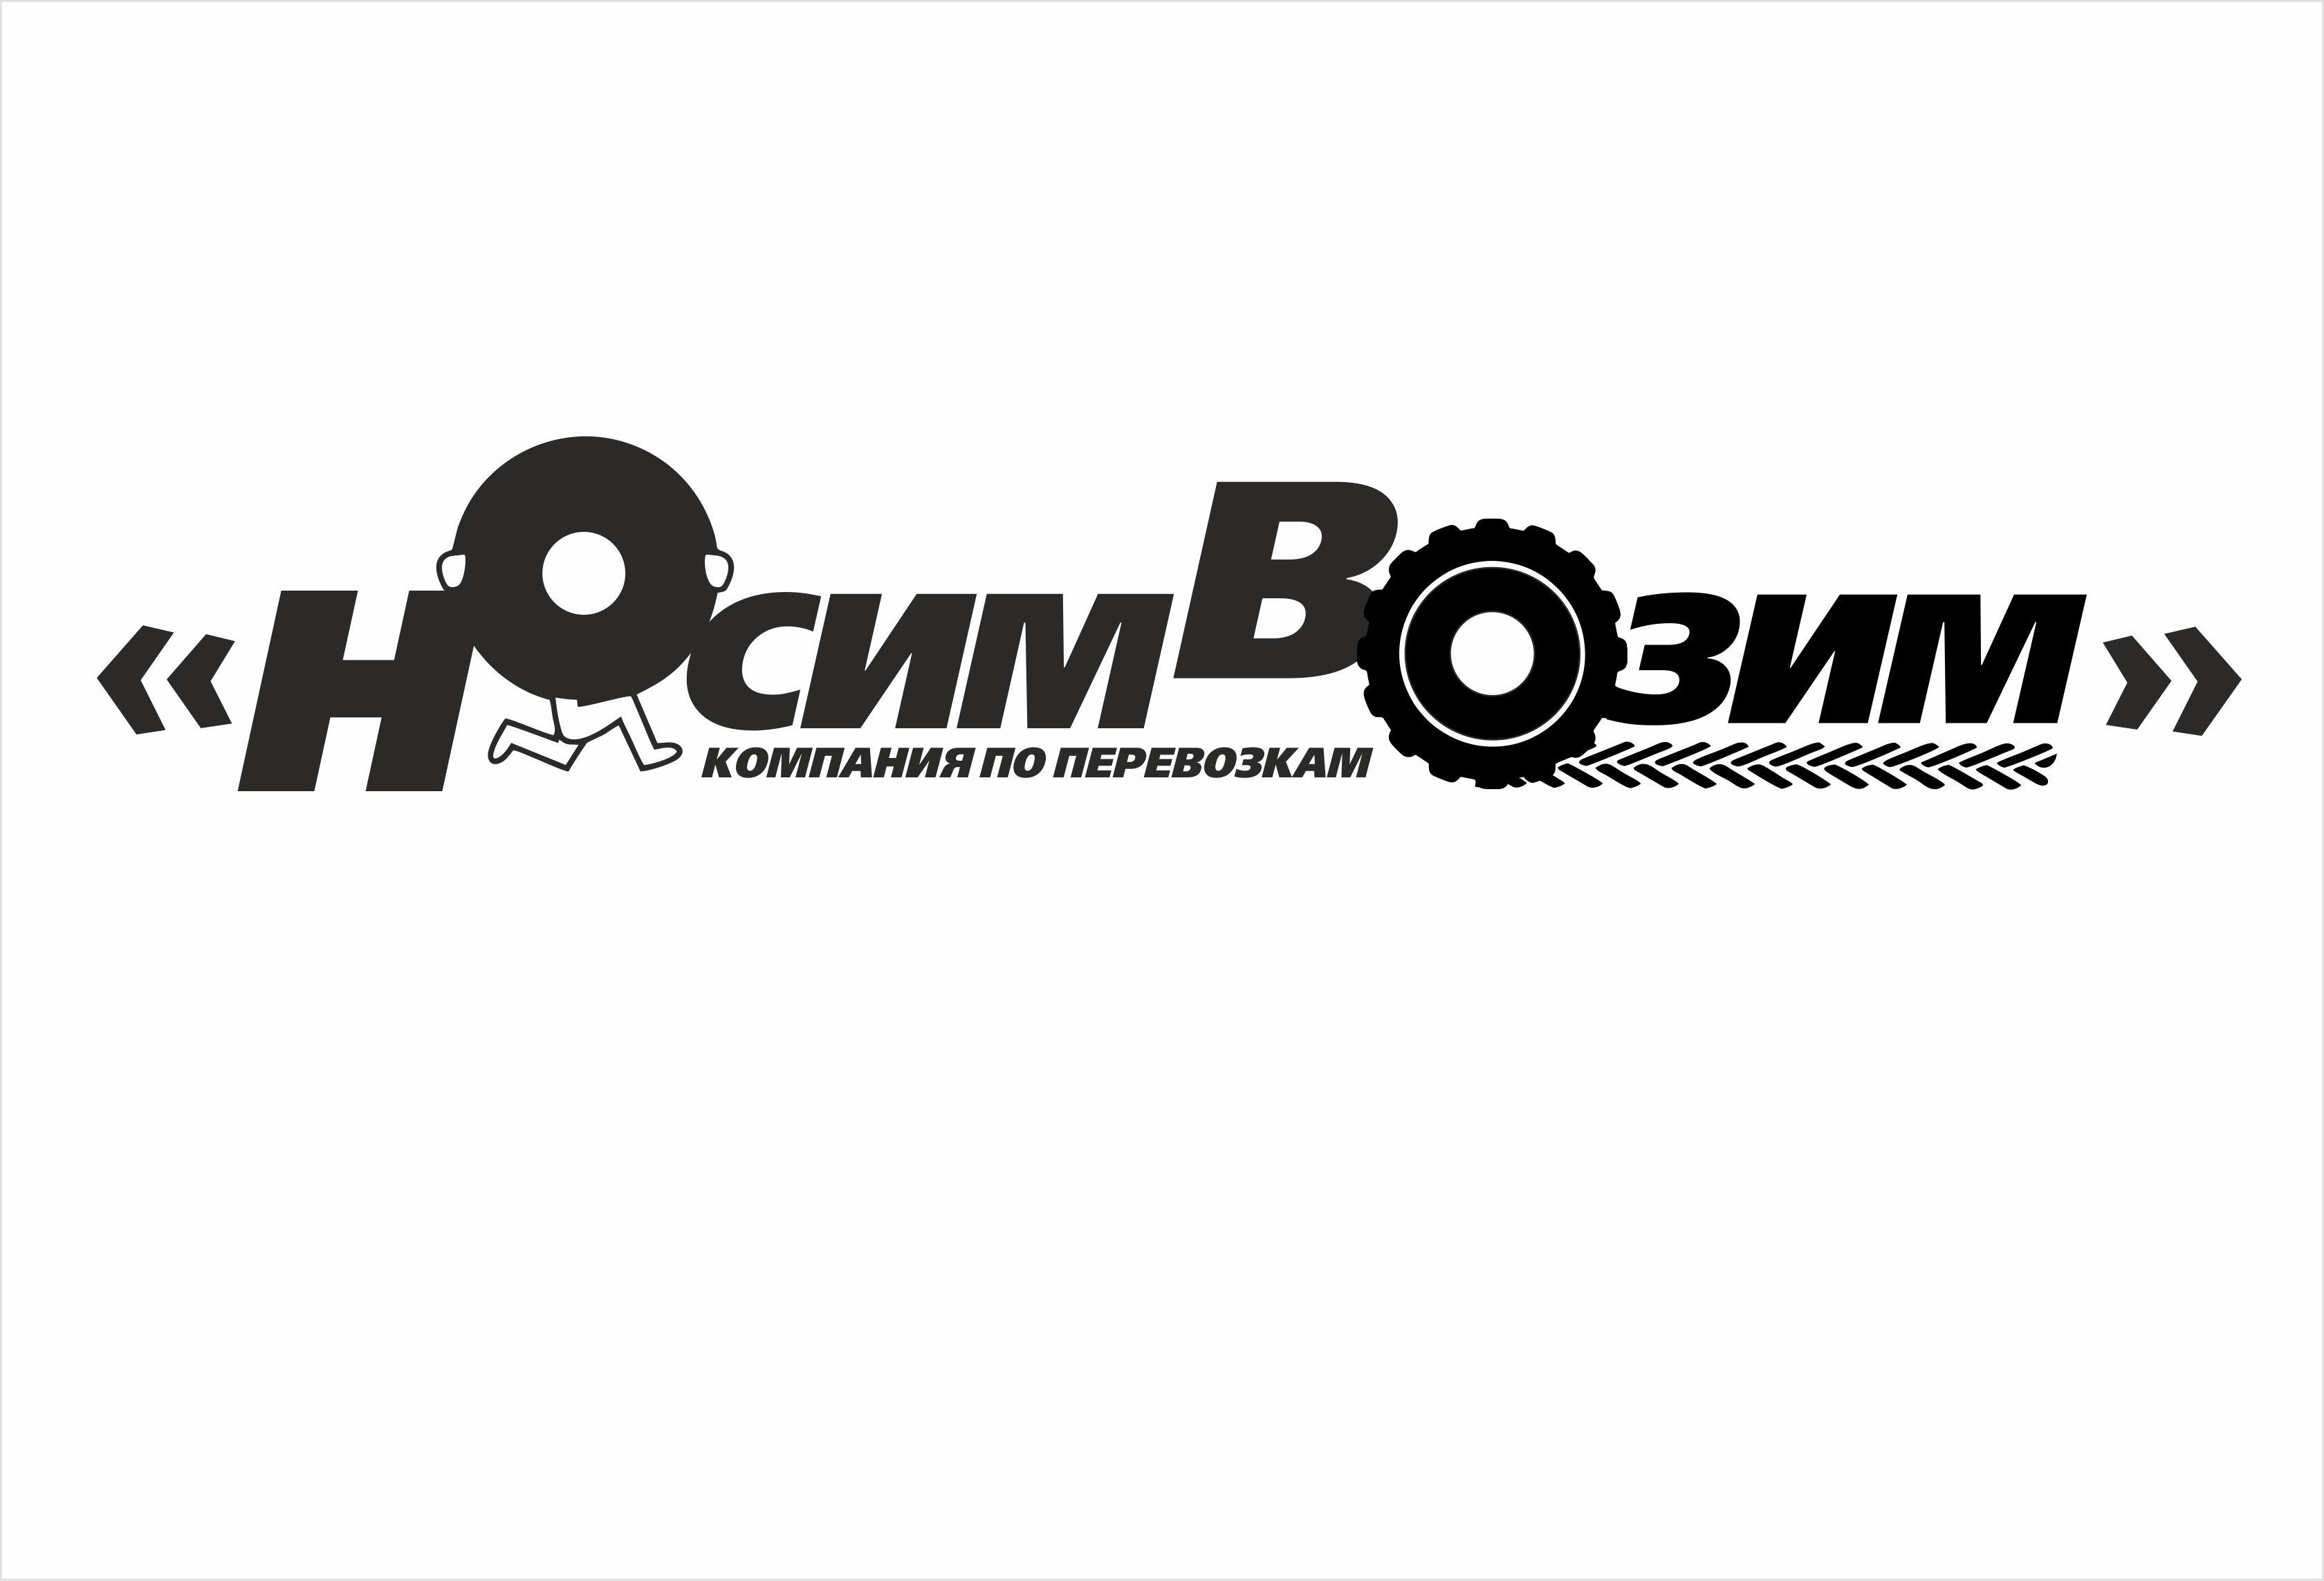 Логотип компании по перевозкам НосимВозим фото f_1695cf7a126305f8.jpg